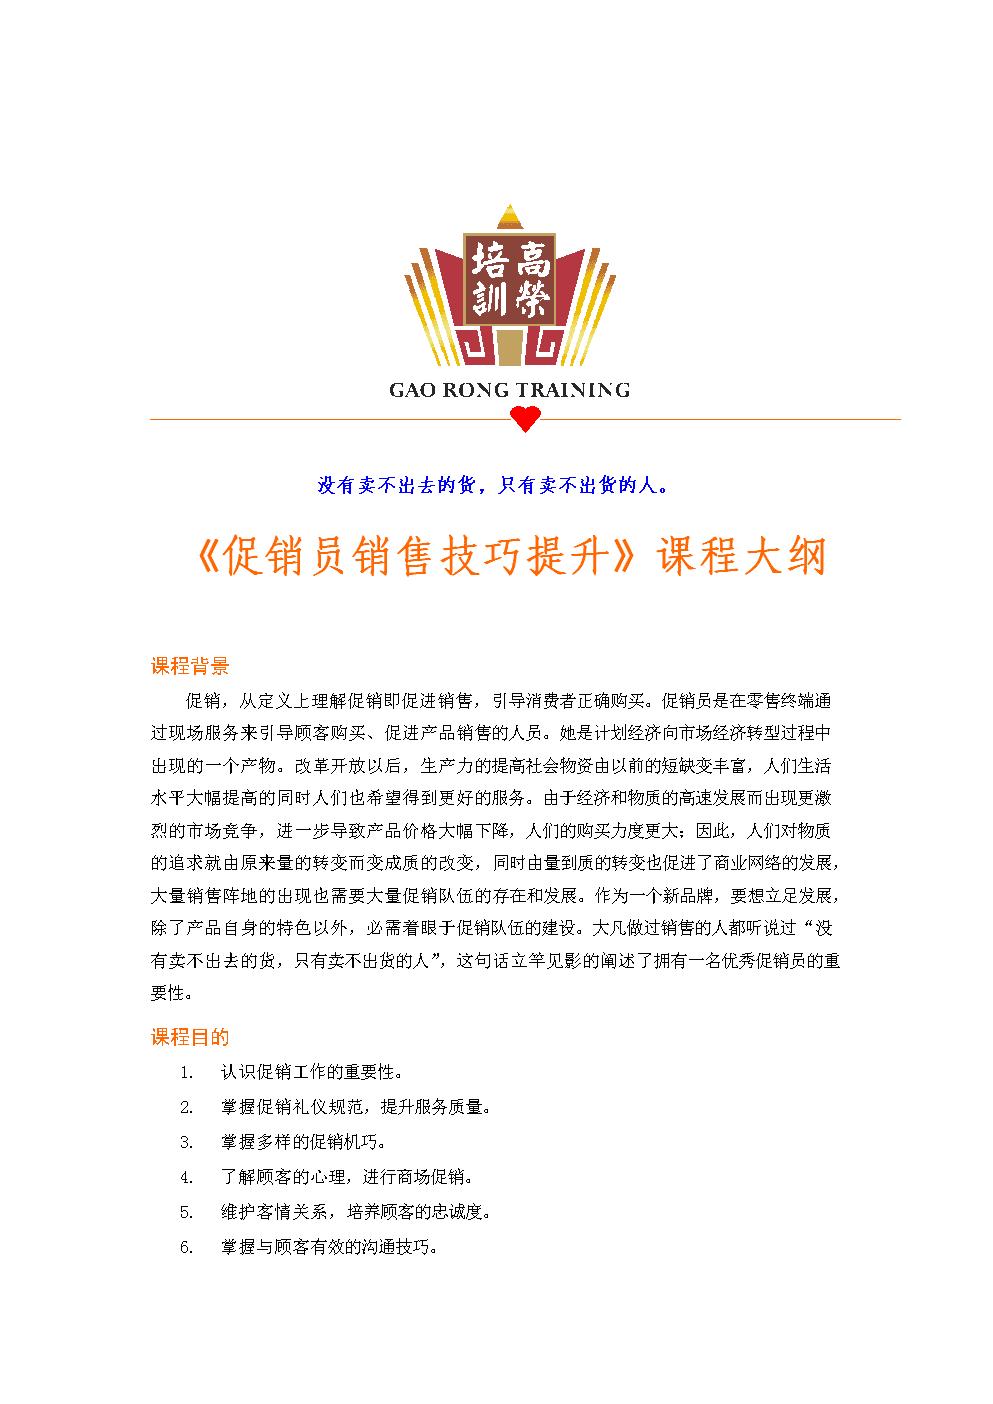 高荣:促销员销售技巧提升.doc